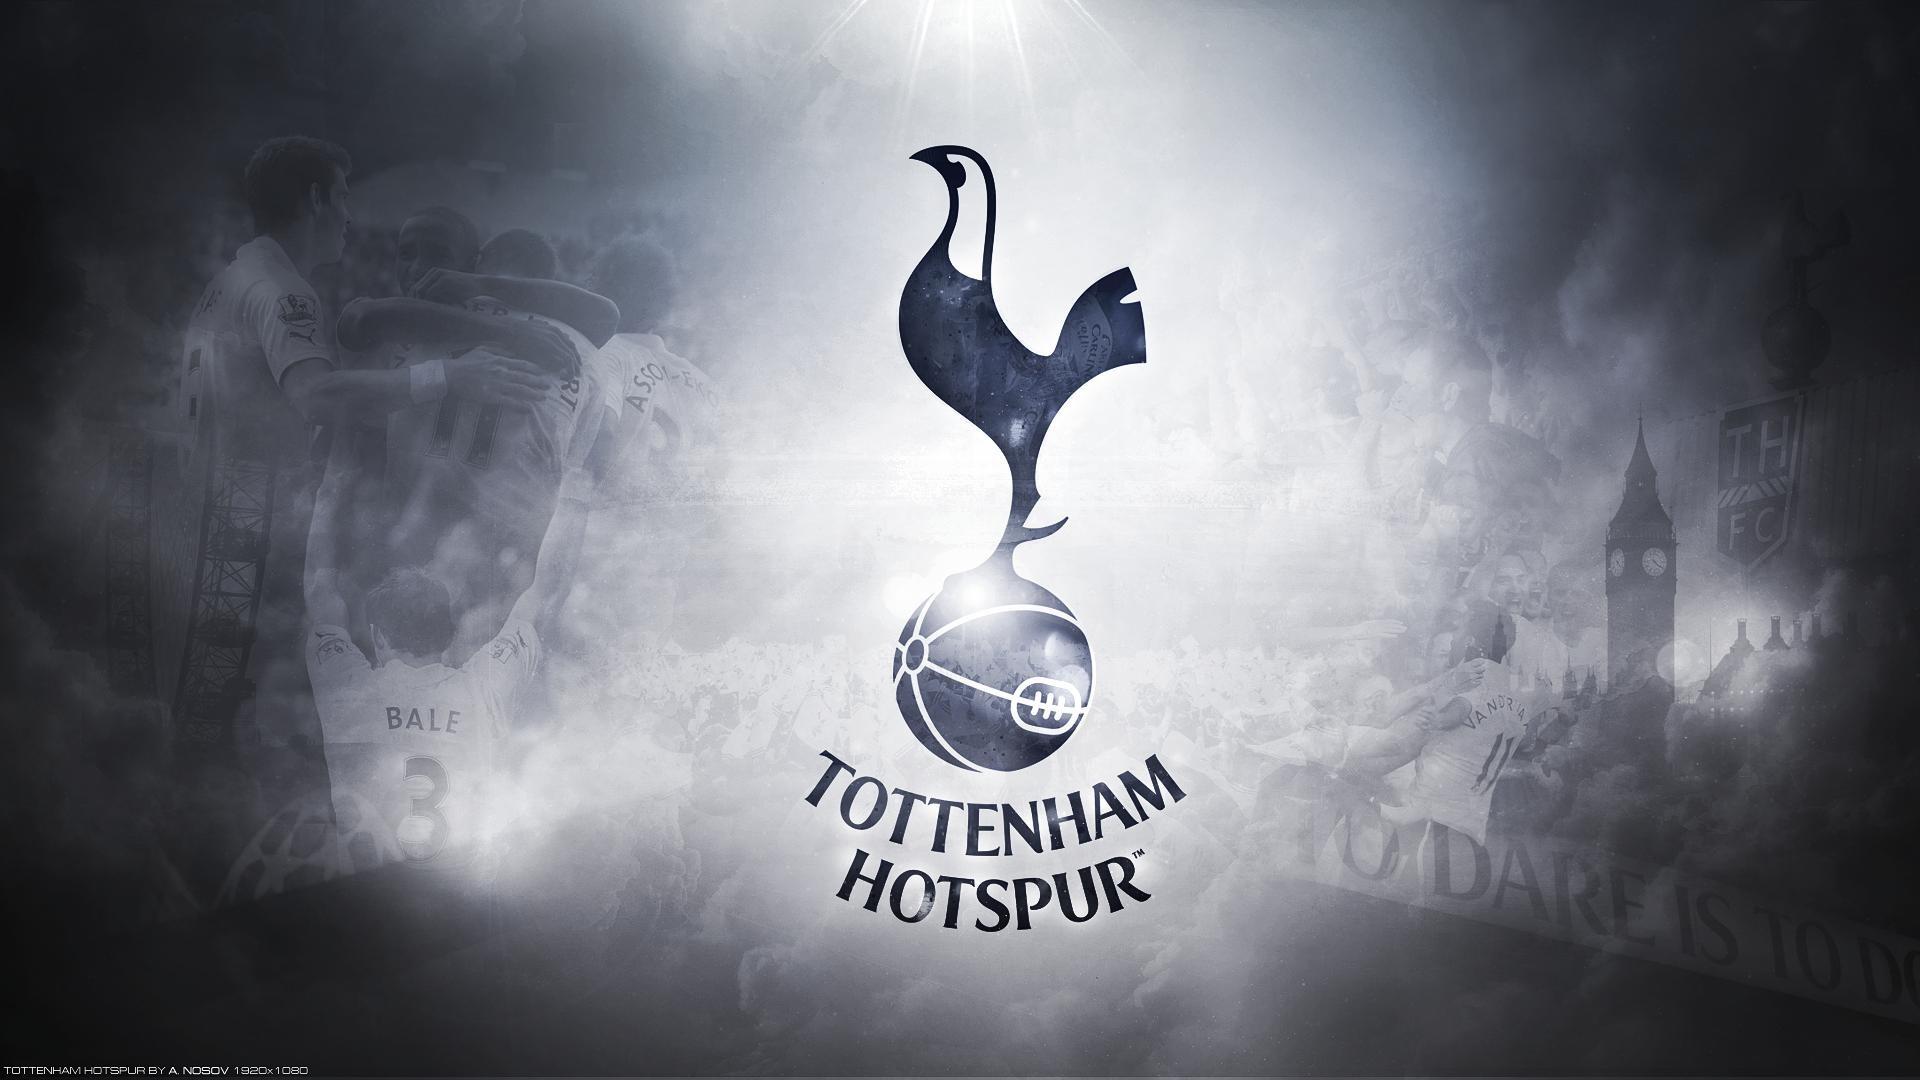 Tottenham Hotspur Wallpaper 73 images 1920x1080